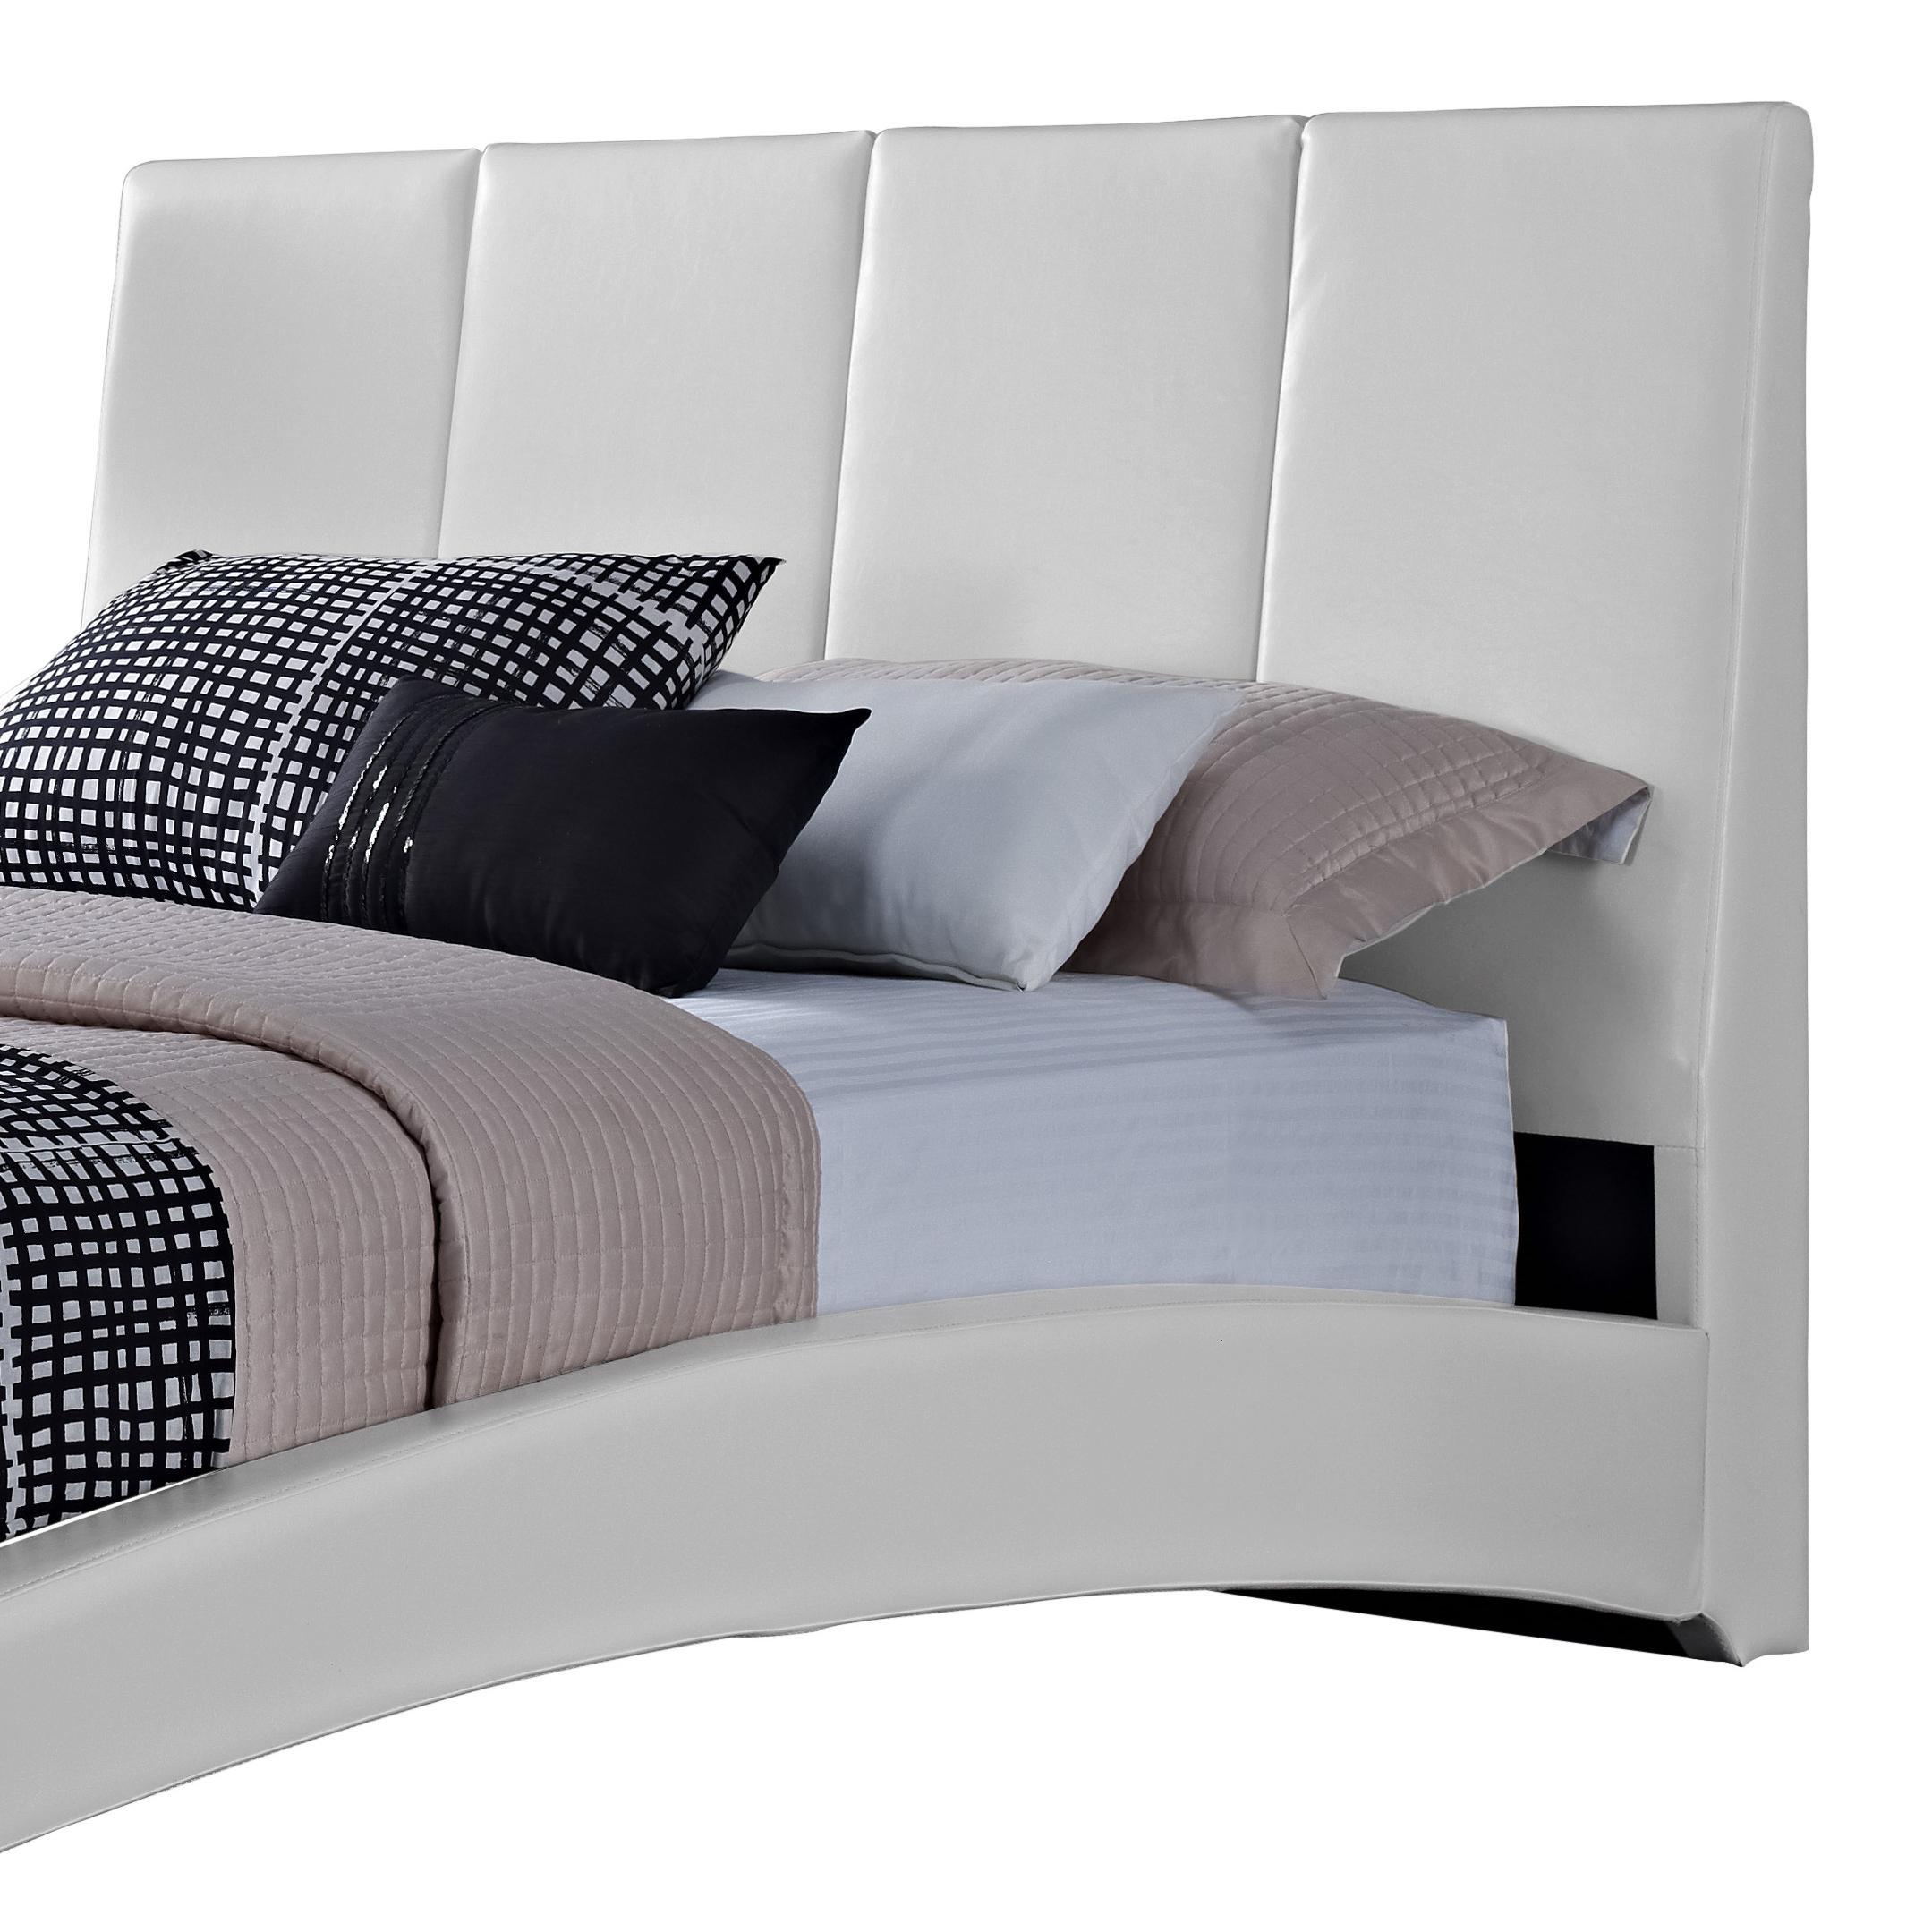 Standard Furniture Moderno  King Upholstered Headboard - Item Number: 99517